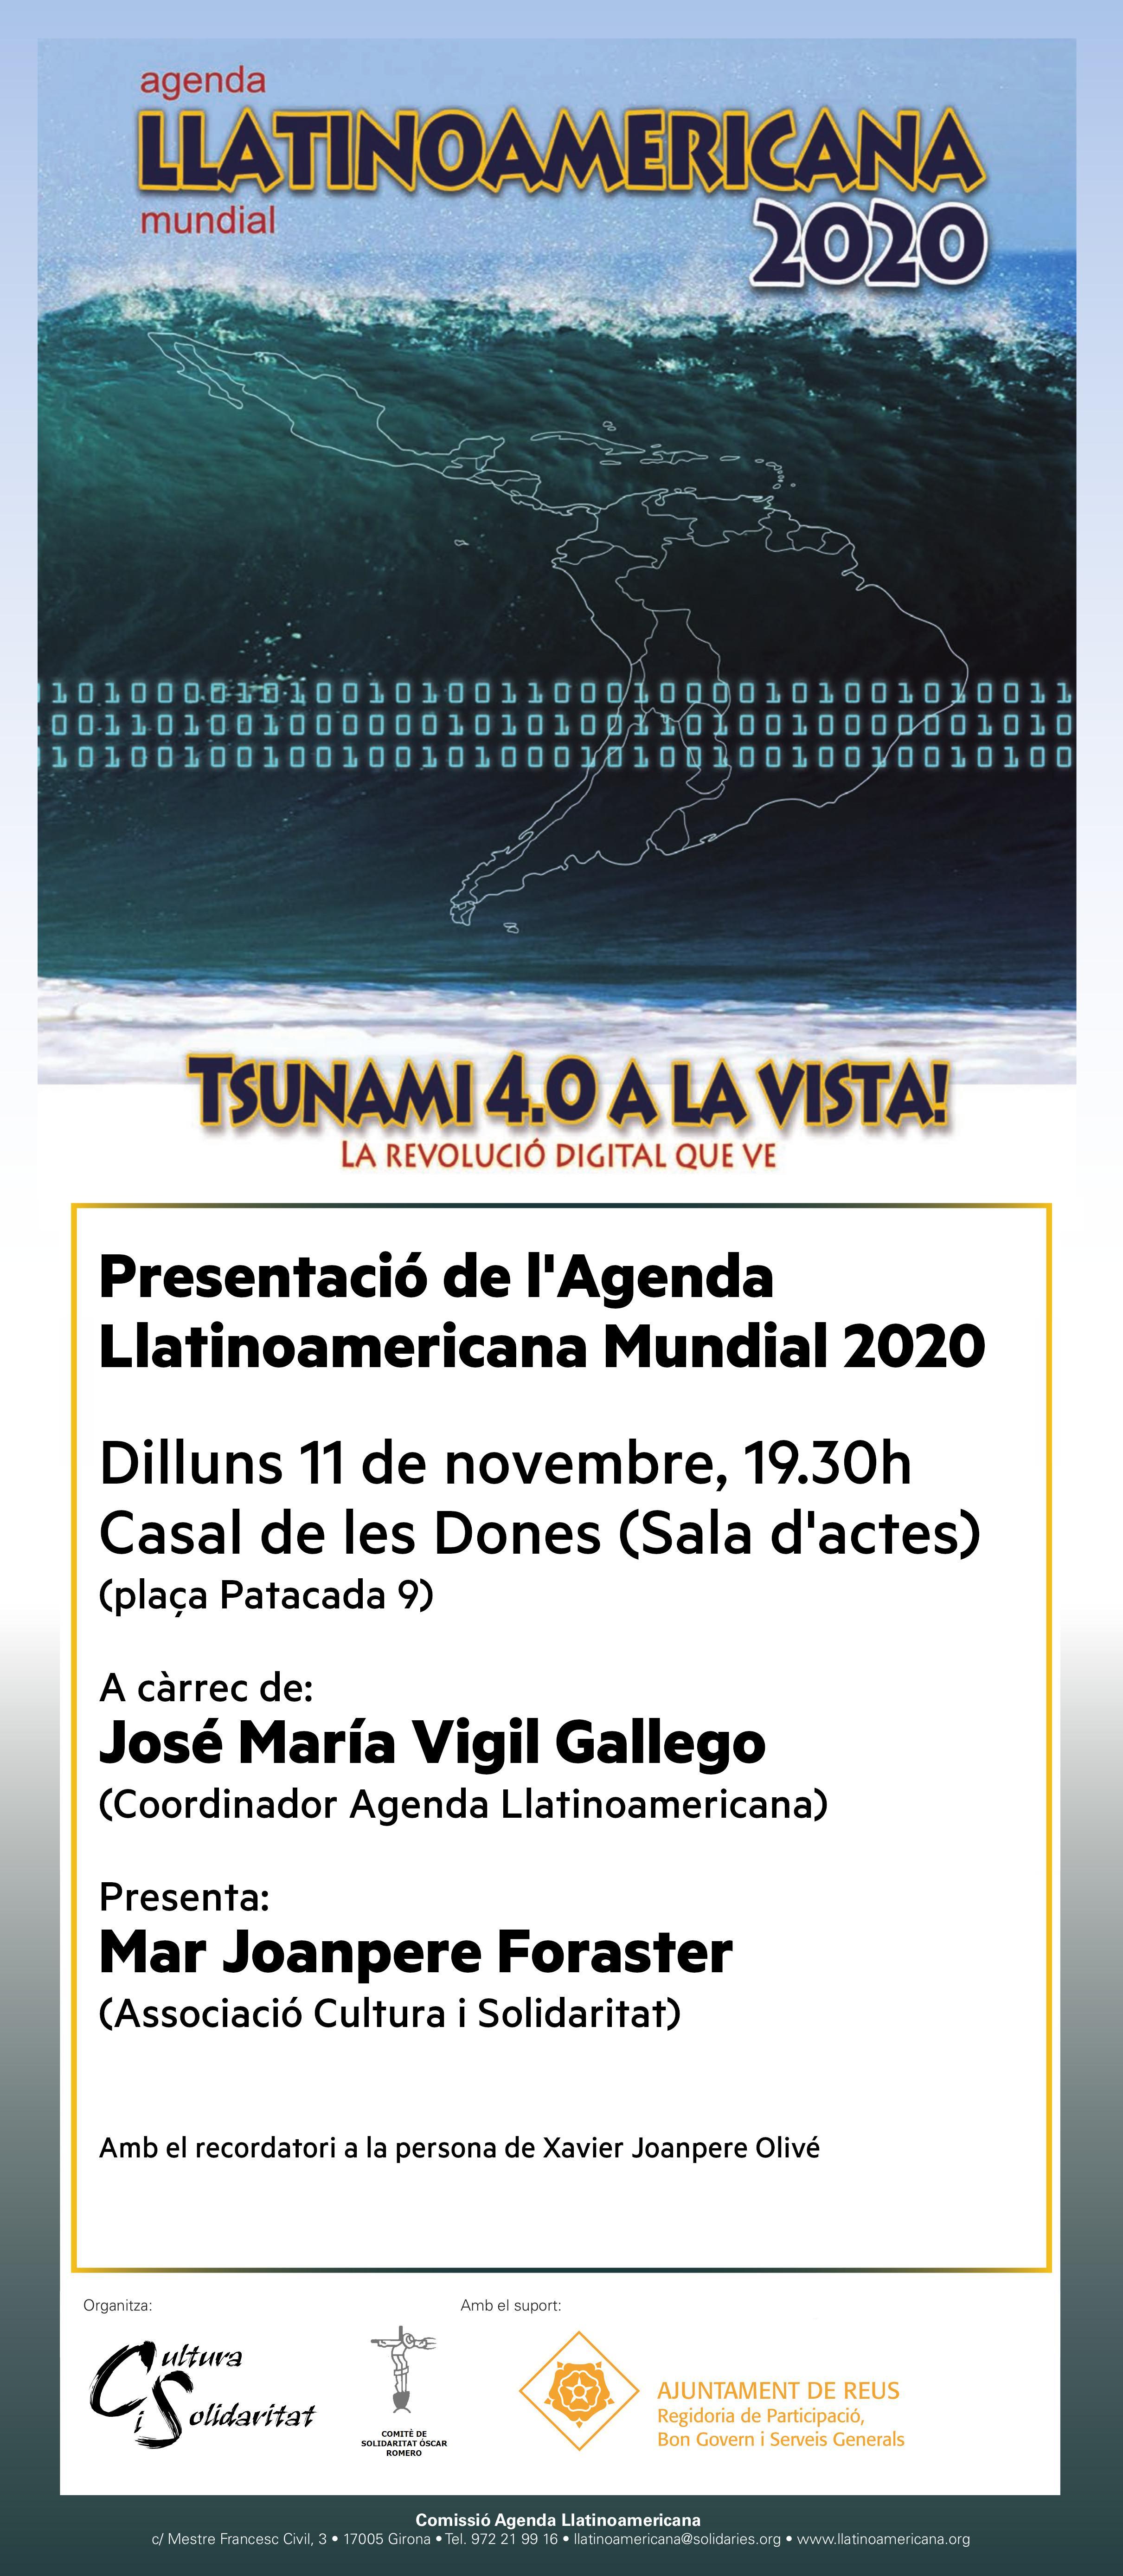 Presentació de l'Agenda Llatinoamericana Mundial 2020